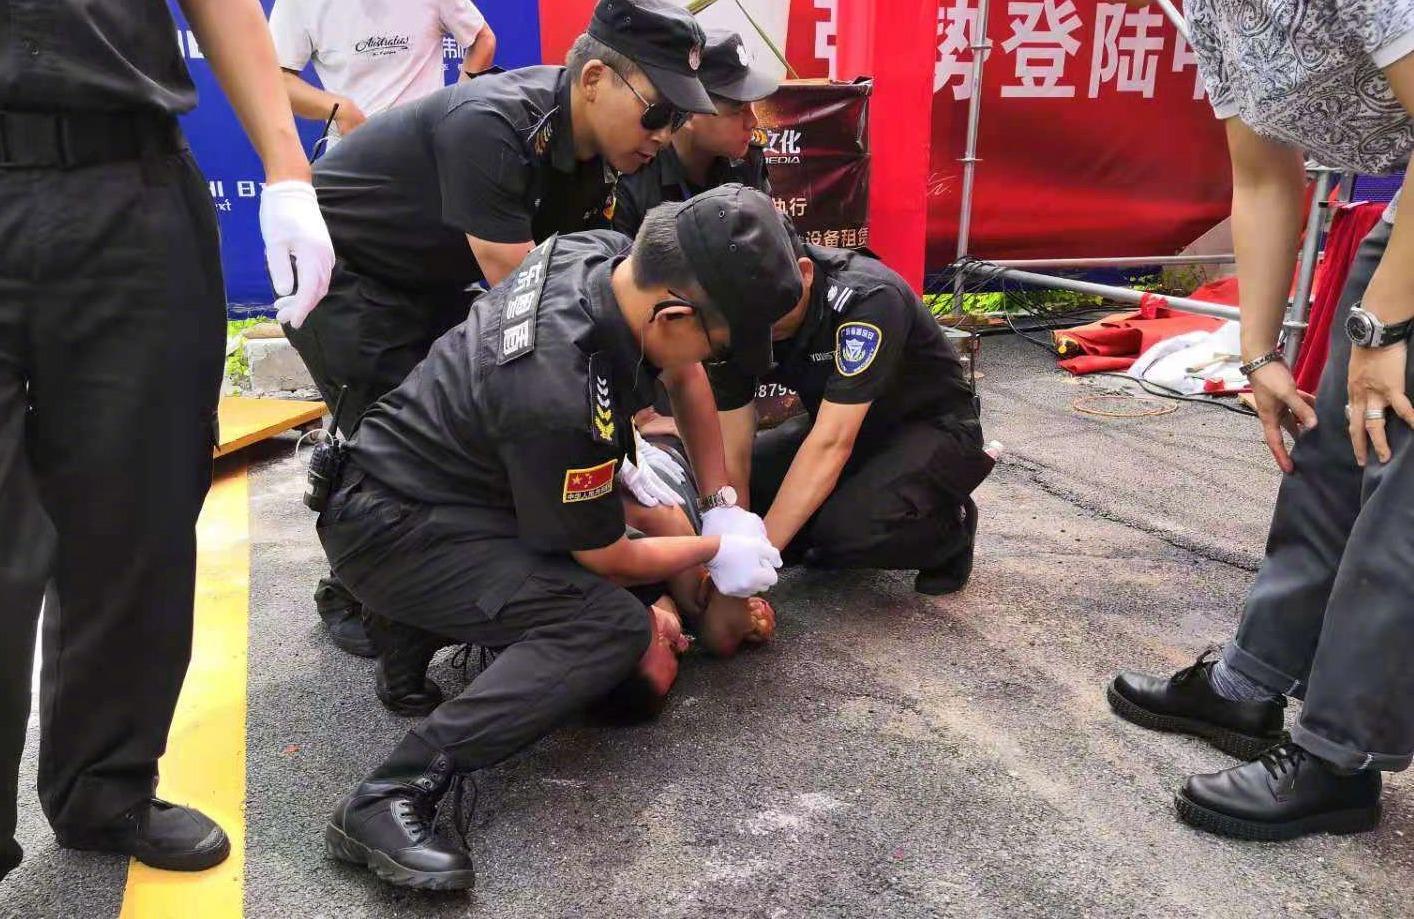 任达华参加活动被袭 工作人员回应:状态清醒伤口已处理